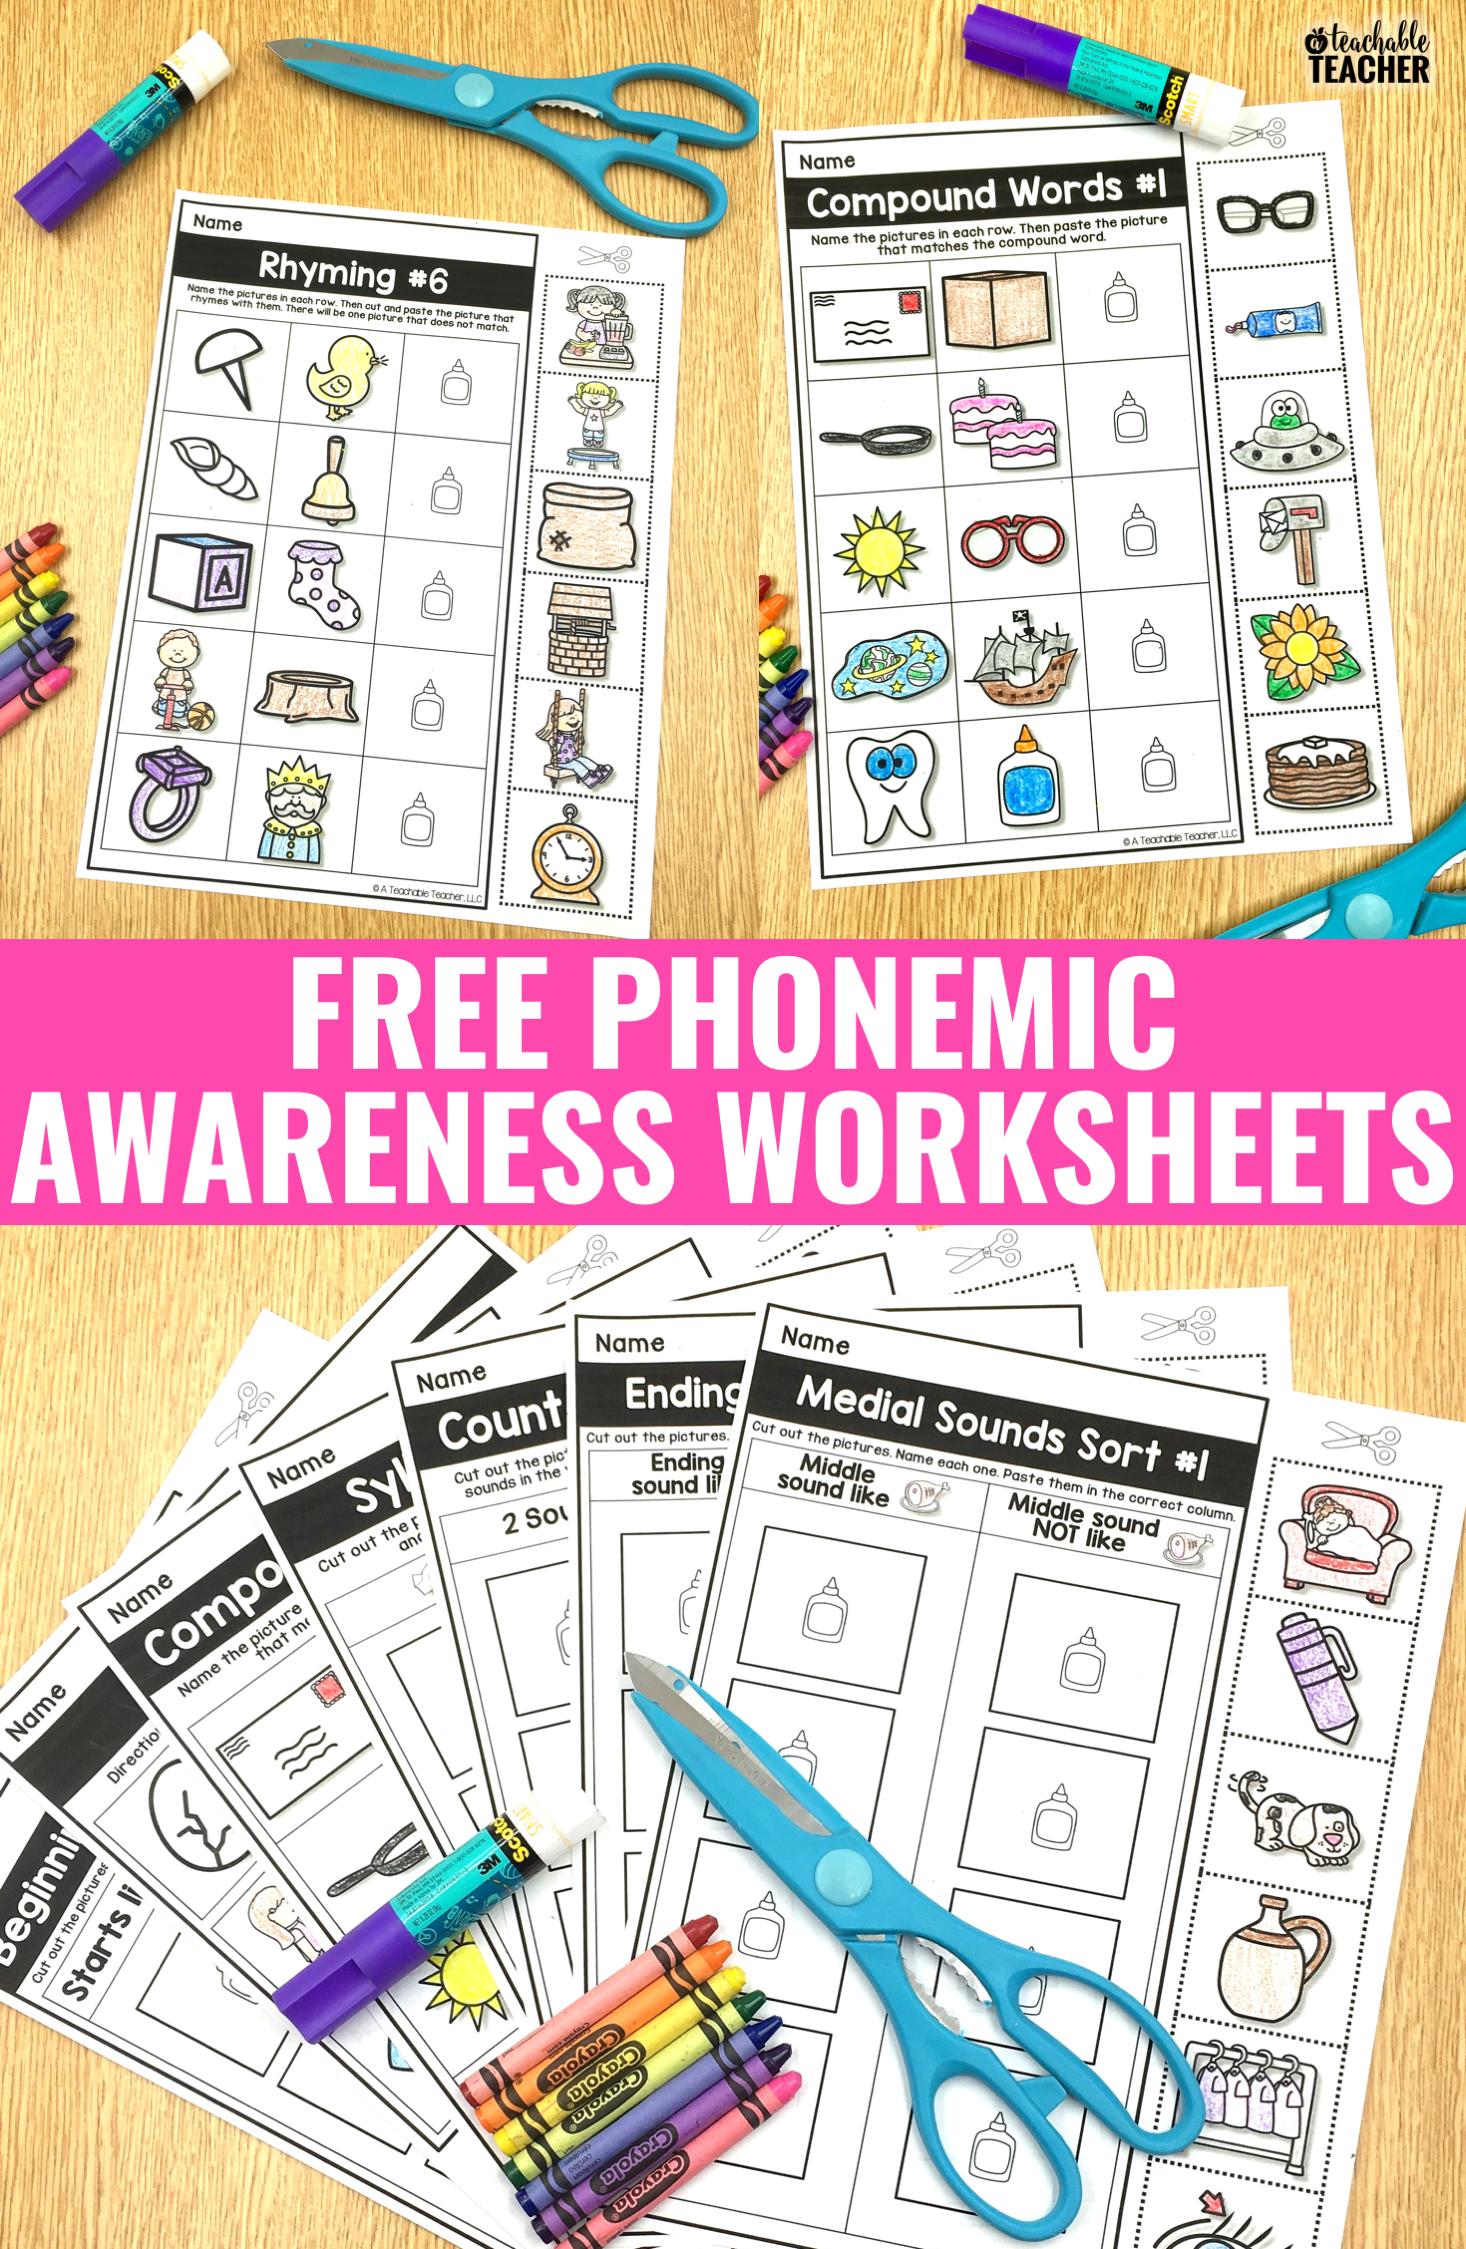 FREE Phonemic Awareness Worksheets - Interactive and Picture-Based   Phonemic  awareness [ 2249 x 1466 Pixel ]